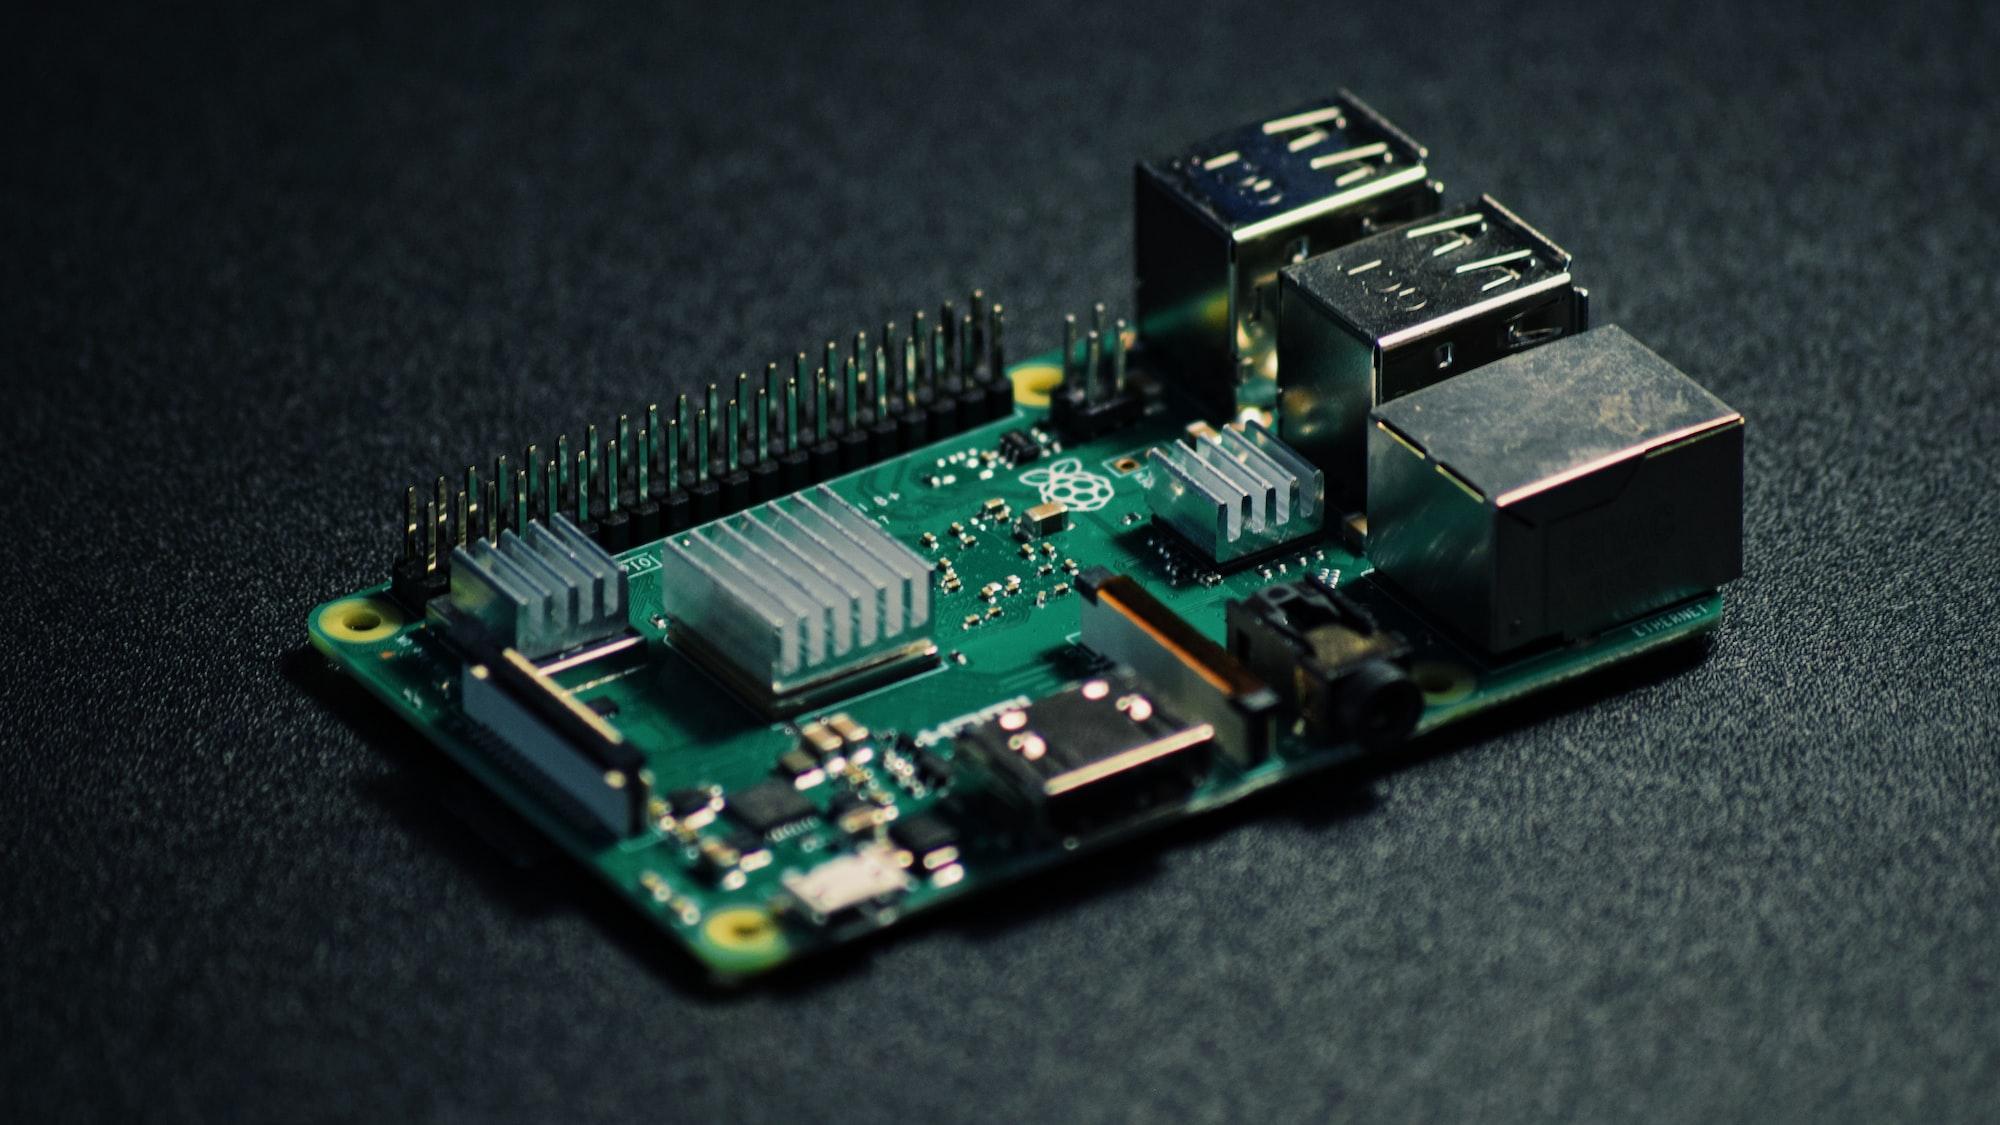 Dingleberry Pi running well on Raspberry Pi hardware